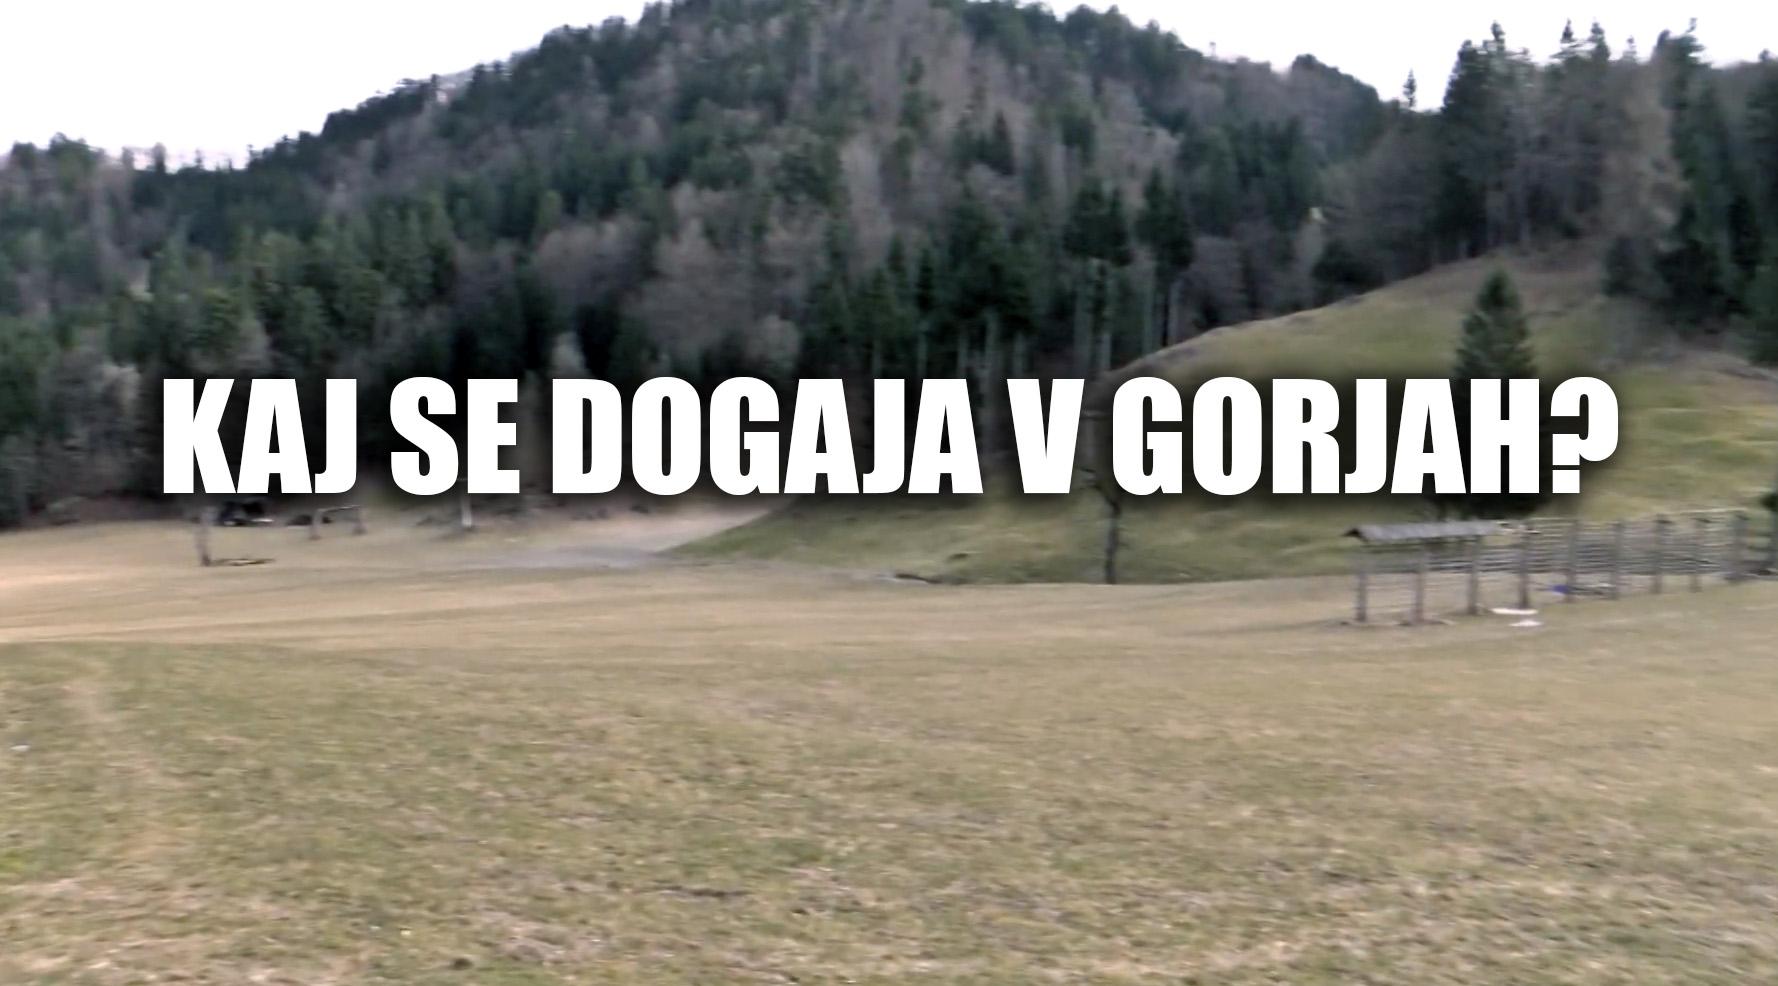 Kaj se dogaja v Gorjah ?